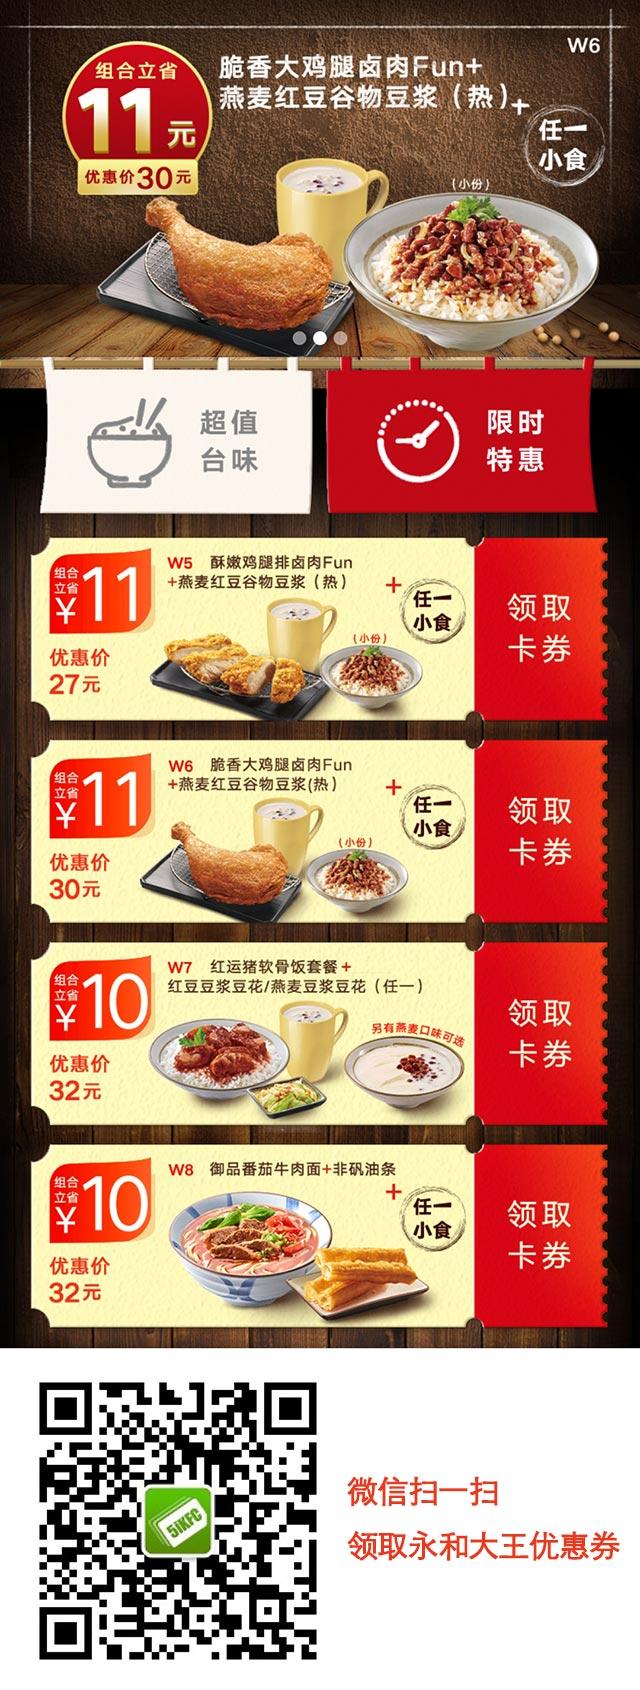 永和大王限时特惠优惠券2019年1月2月卡券领取,组合套餐优惠价27元起 有效期至:2019年2月18日 www.5ikfc.com